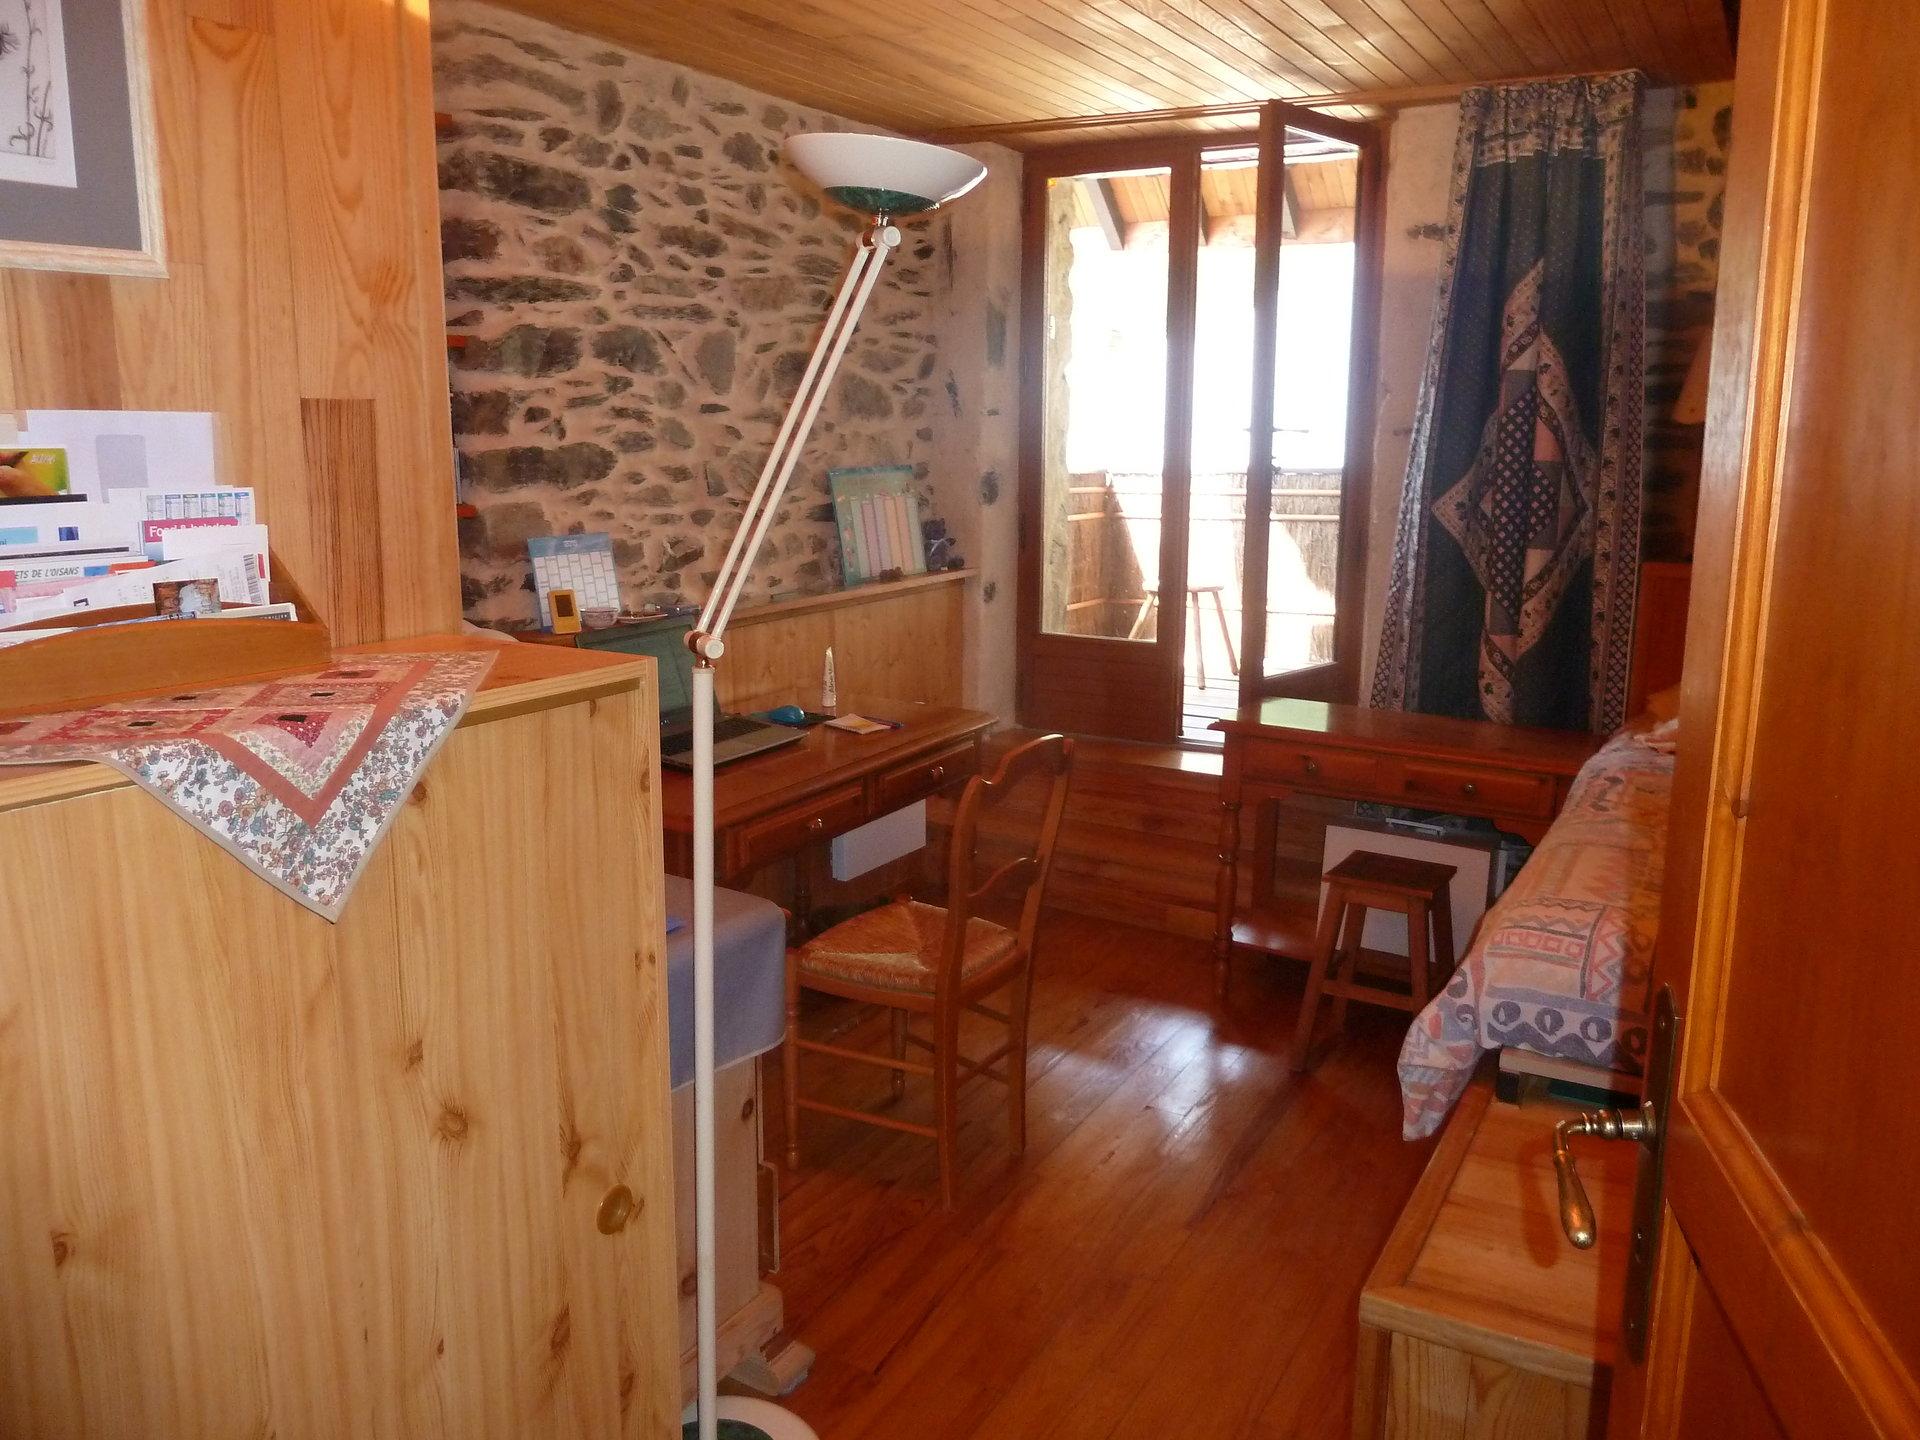 Maison de village domaine skiable alpe d'huez